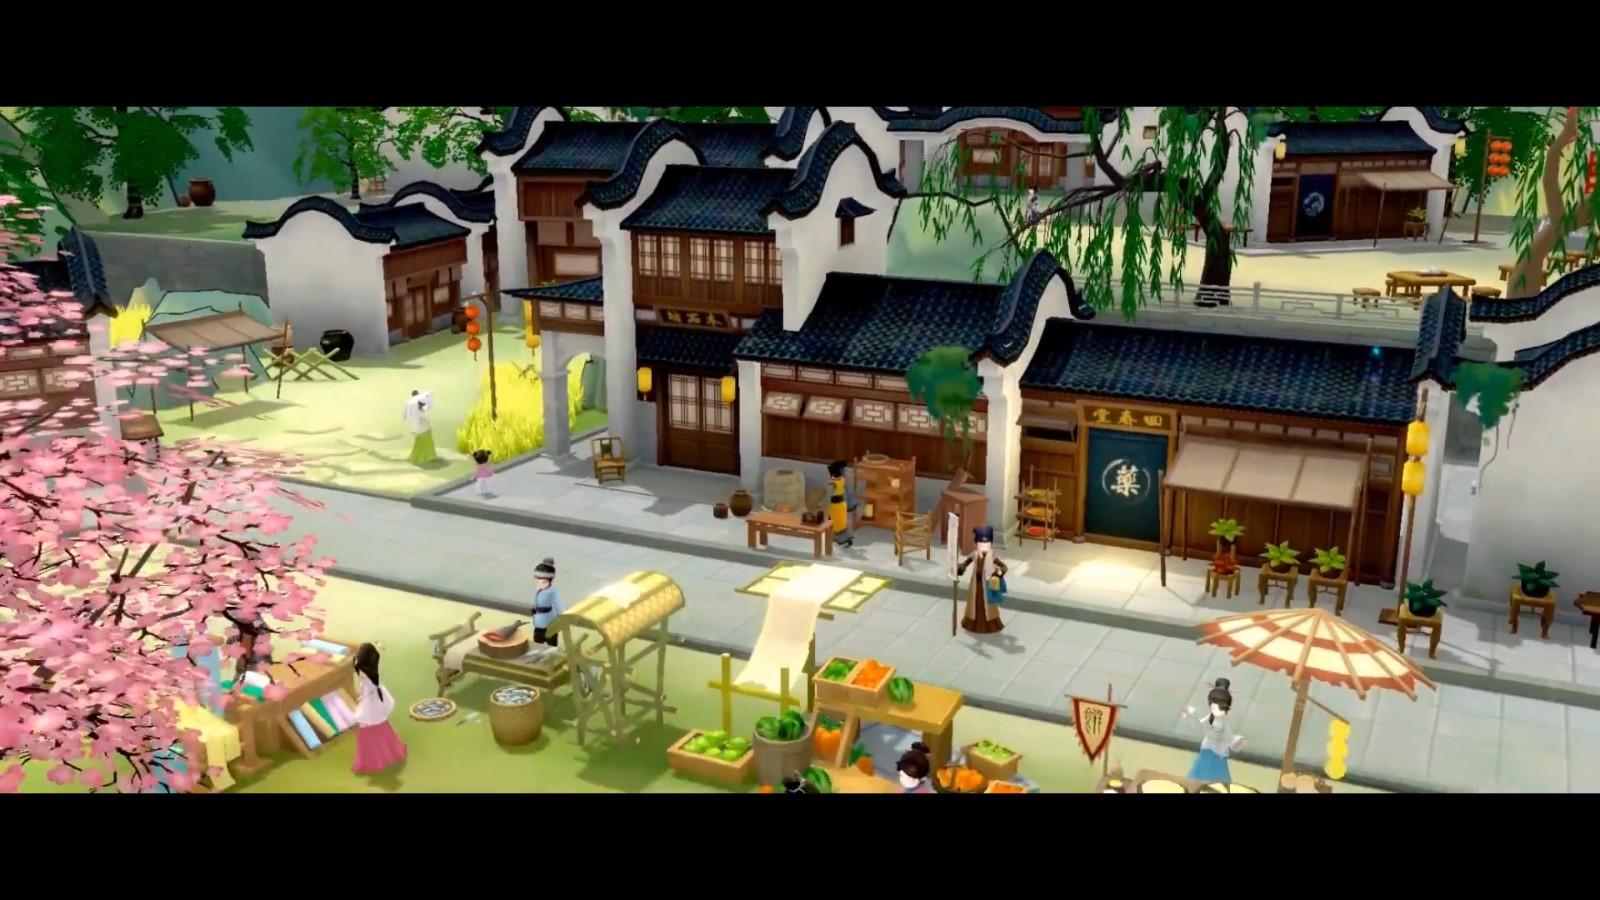 修仙生活RPG《一方灵田》新预告片 年内登陆Steam抢先体验